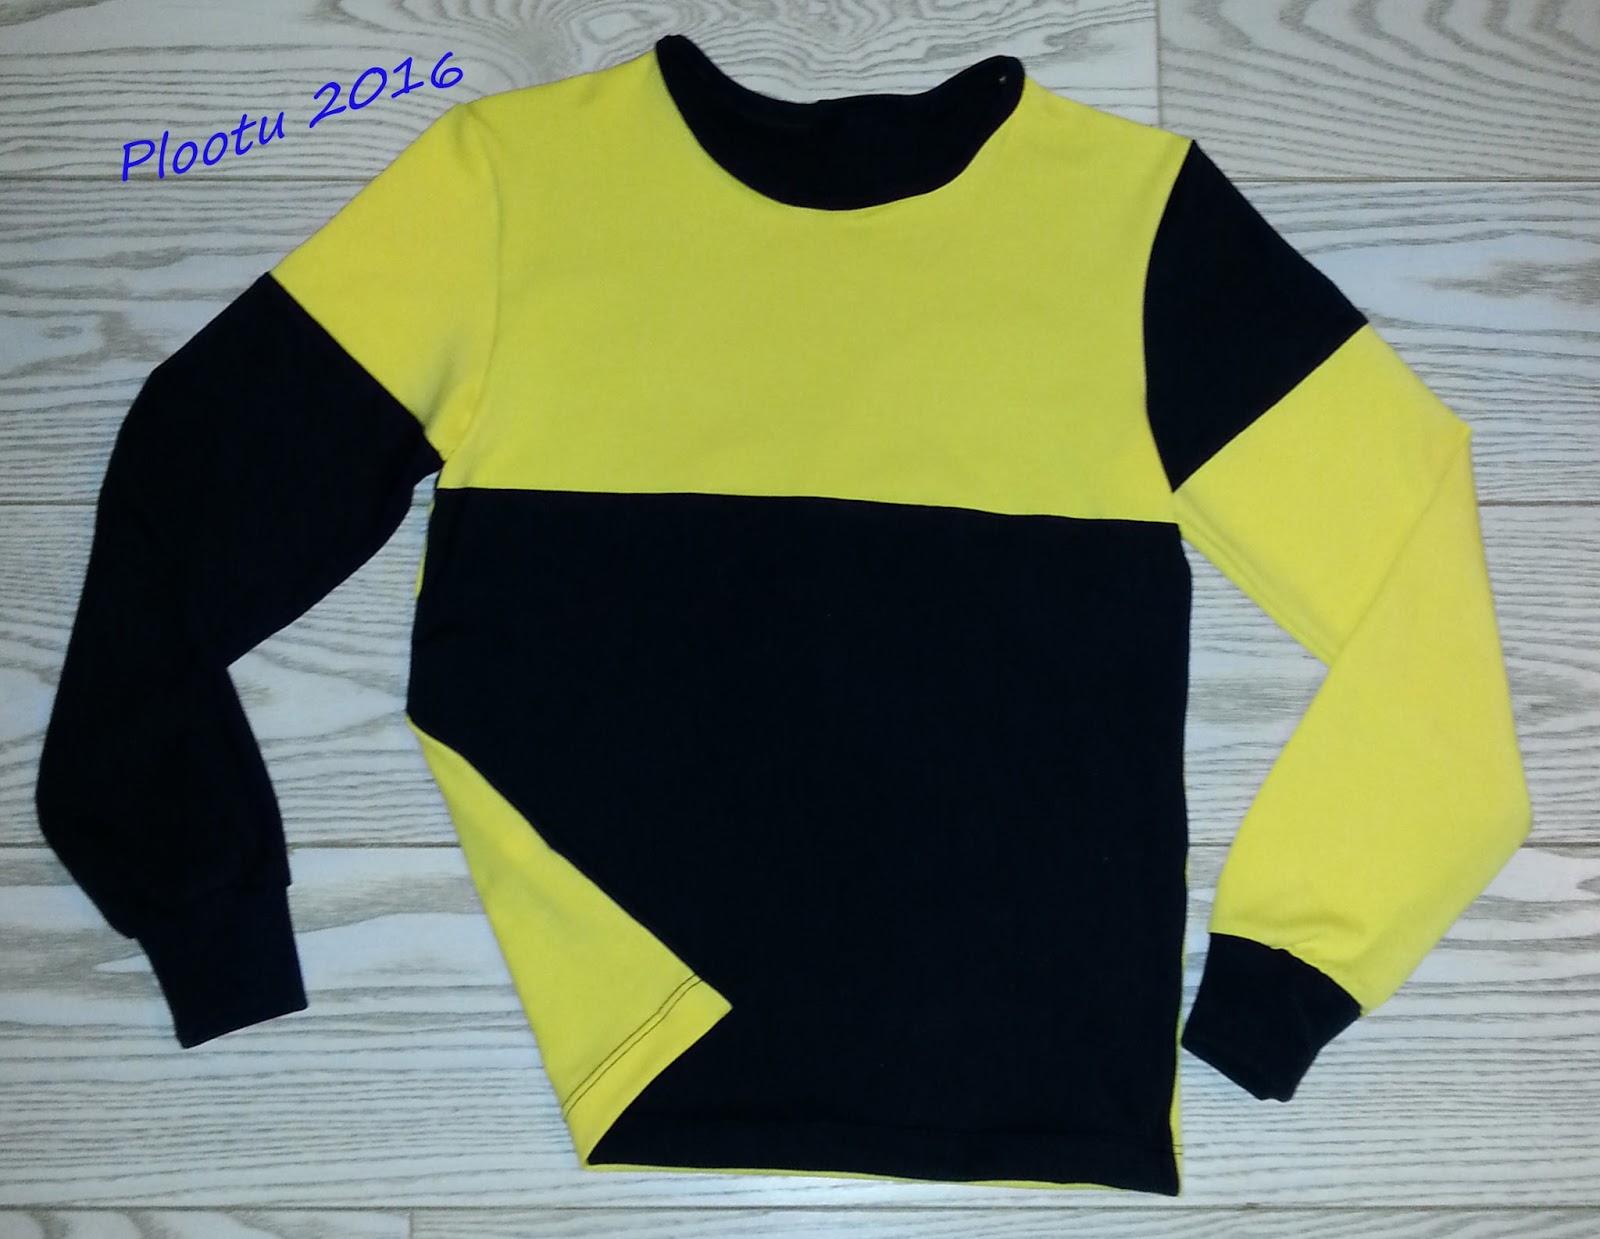 Idea oli siis vuorotella keltaisen ja musta trikoon kanssa  se mikä  etukappaleessa on mustaa dee9e8c0e7